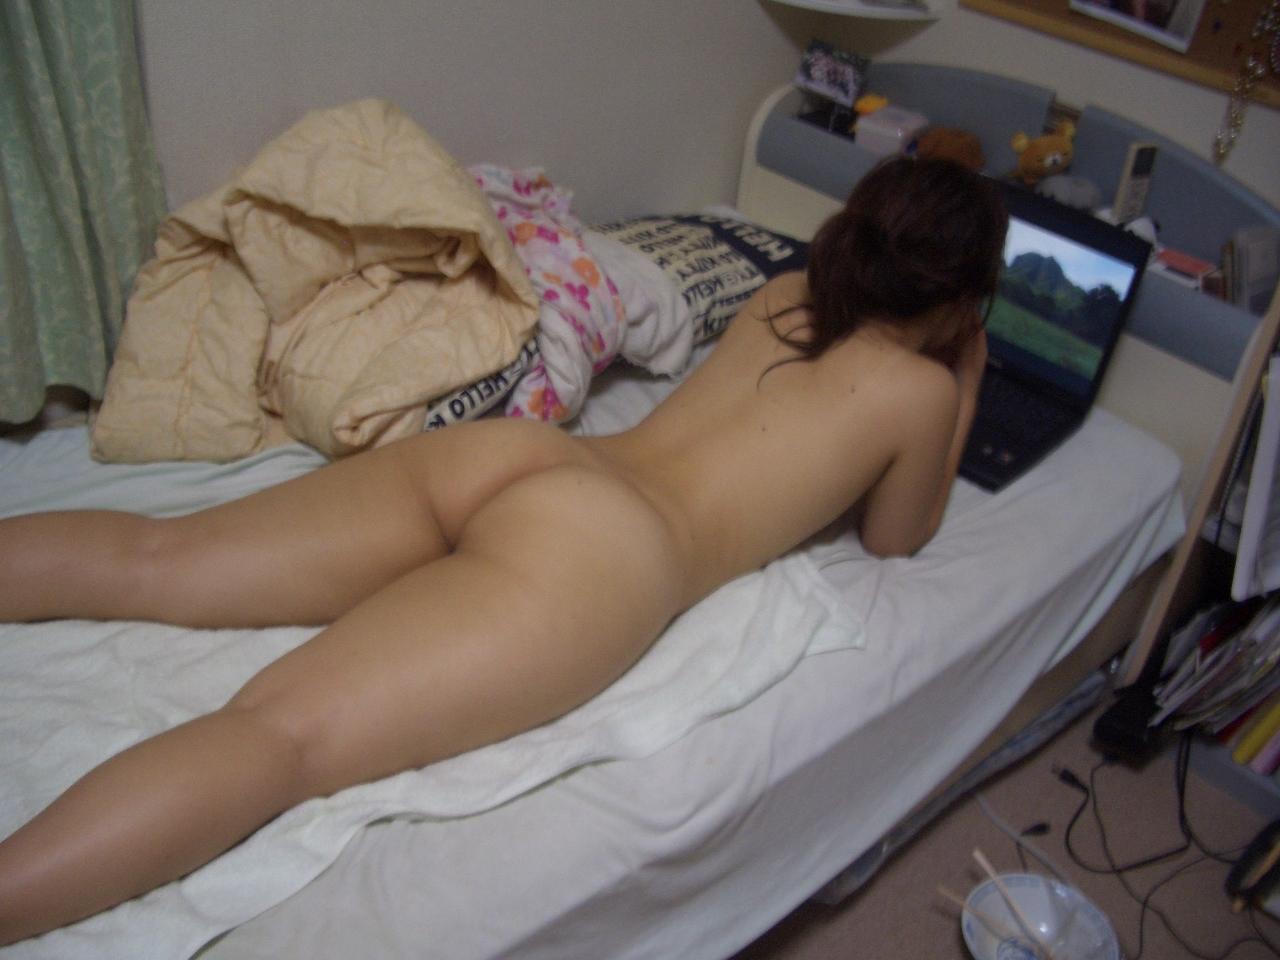 彼氏から流出!!?自宅で隠し撮りされた女子大生の裸やお尻の画像wwww 7Qddtq7